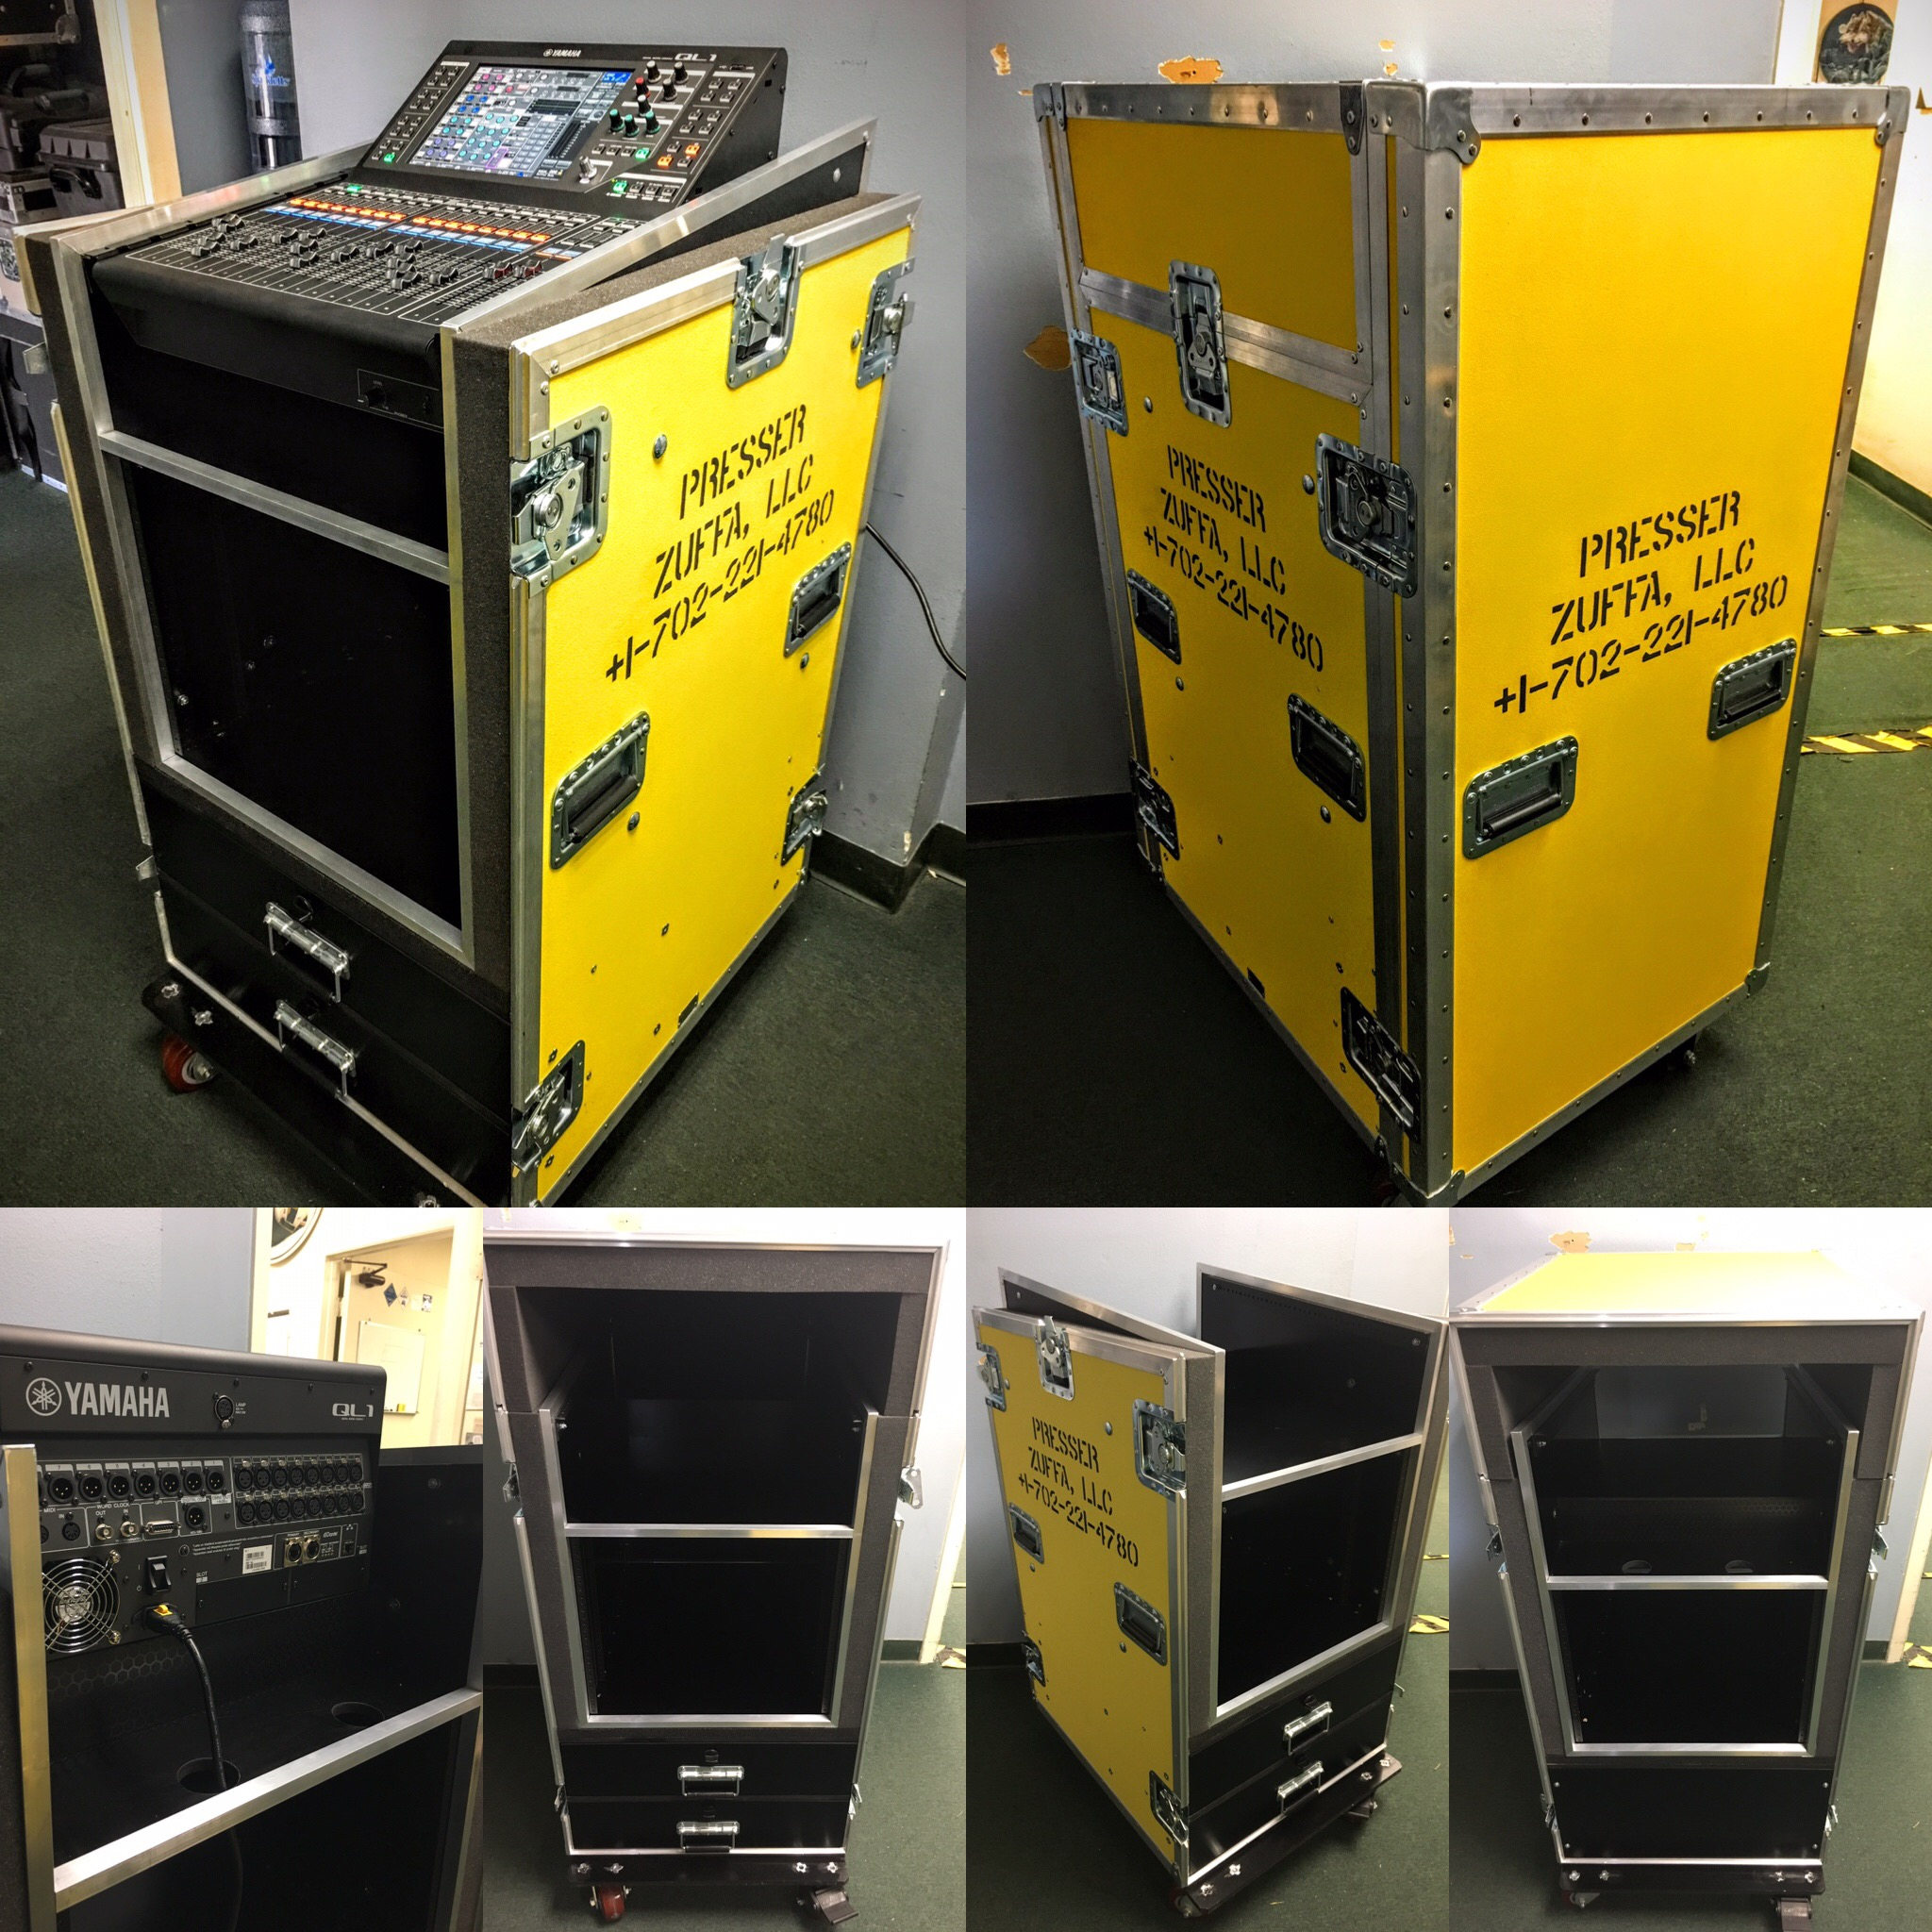 Producers Rack w/ Yamaha QL1 Mixer